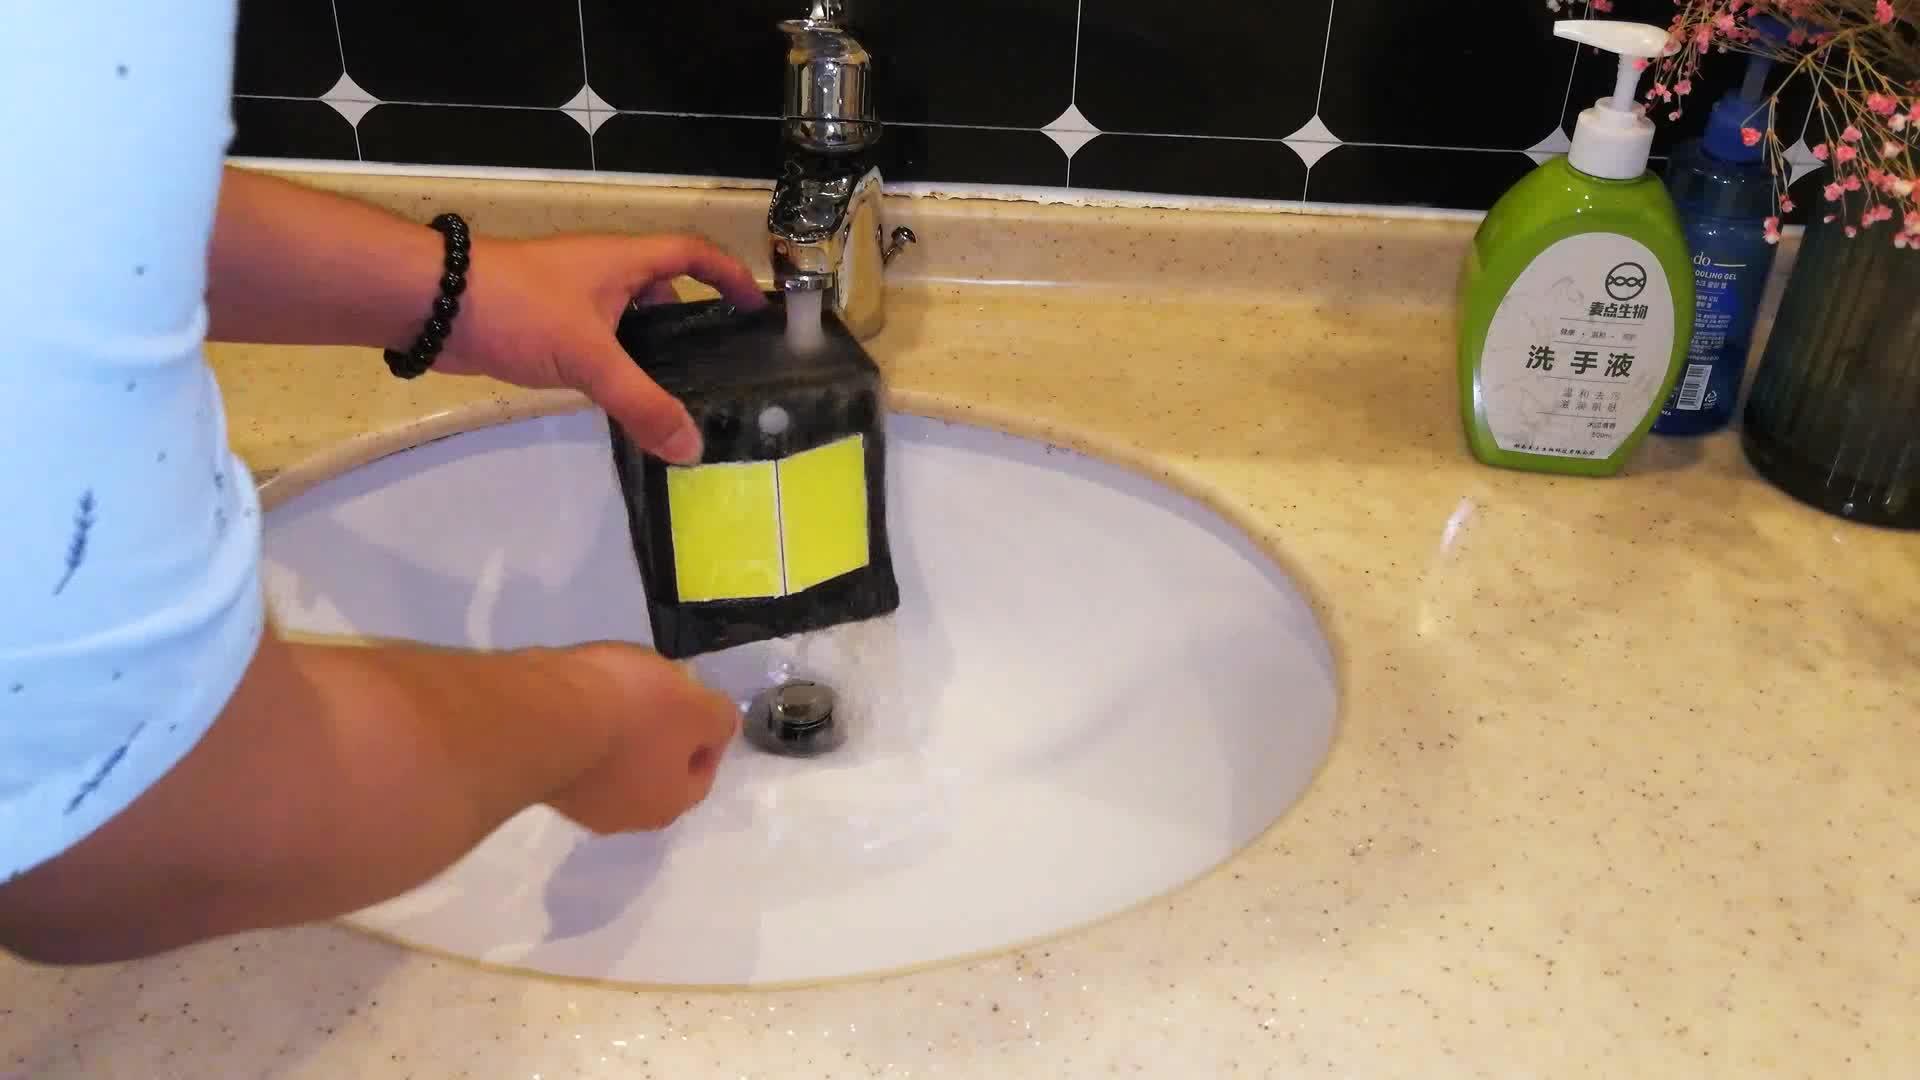 Indoor LED Keselamatan Energi Pintu Patio Lampu Tenaga Surya Outdoor Lampu Dinding dengan Sensor Gerak untuk Taman Garasi Kolam Renang